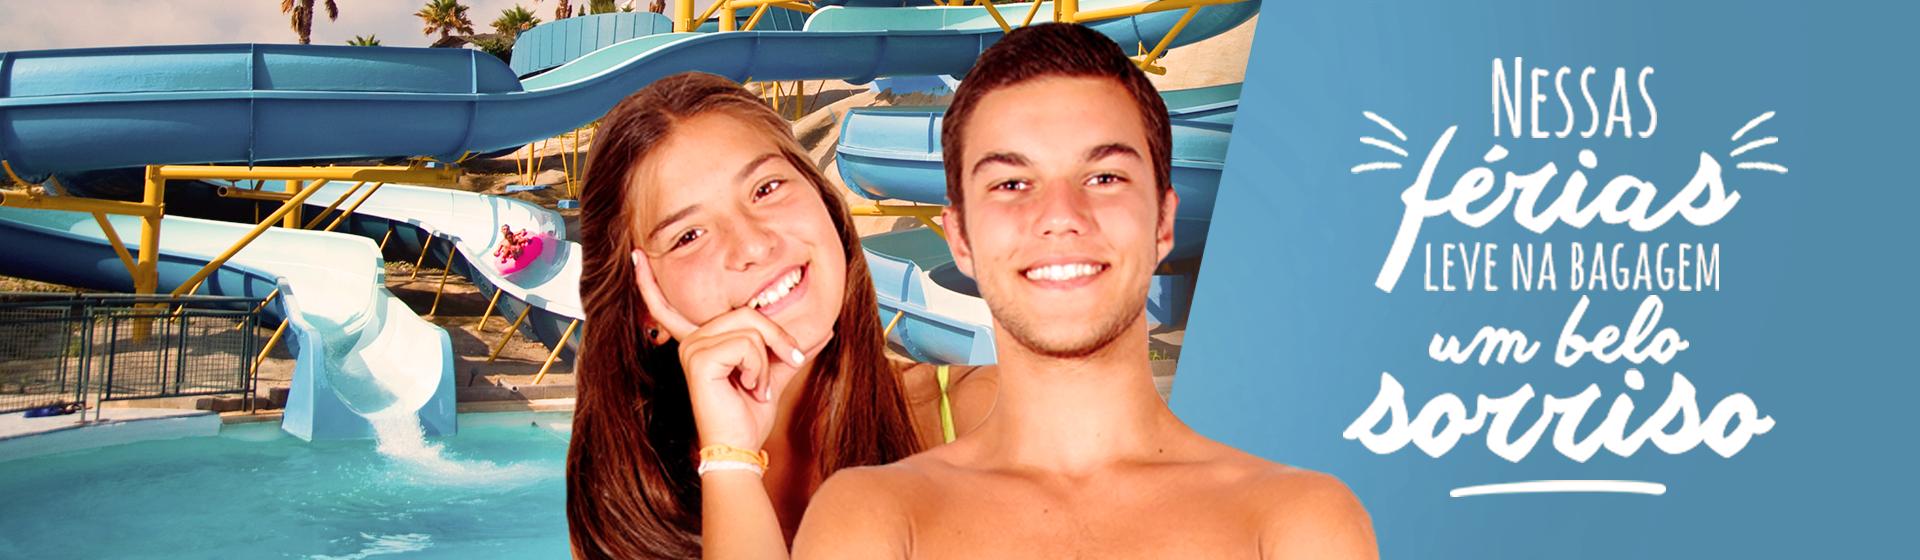 banner-siteodonto-férias